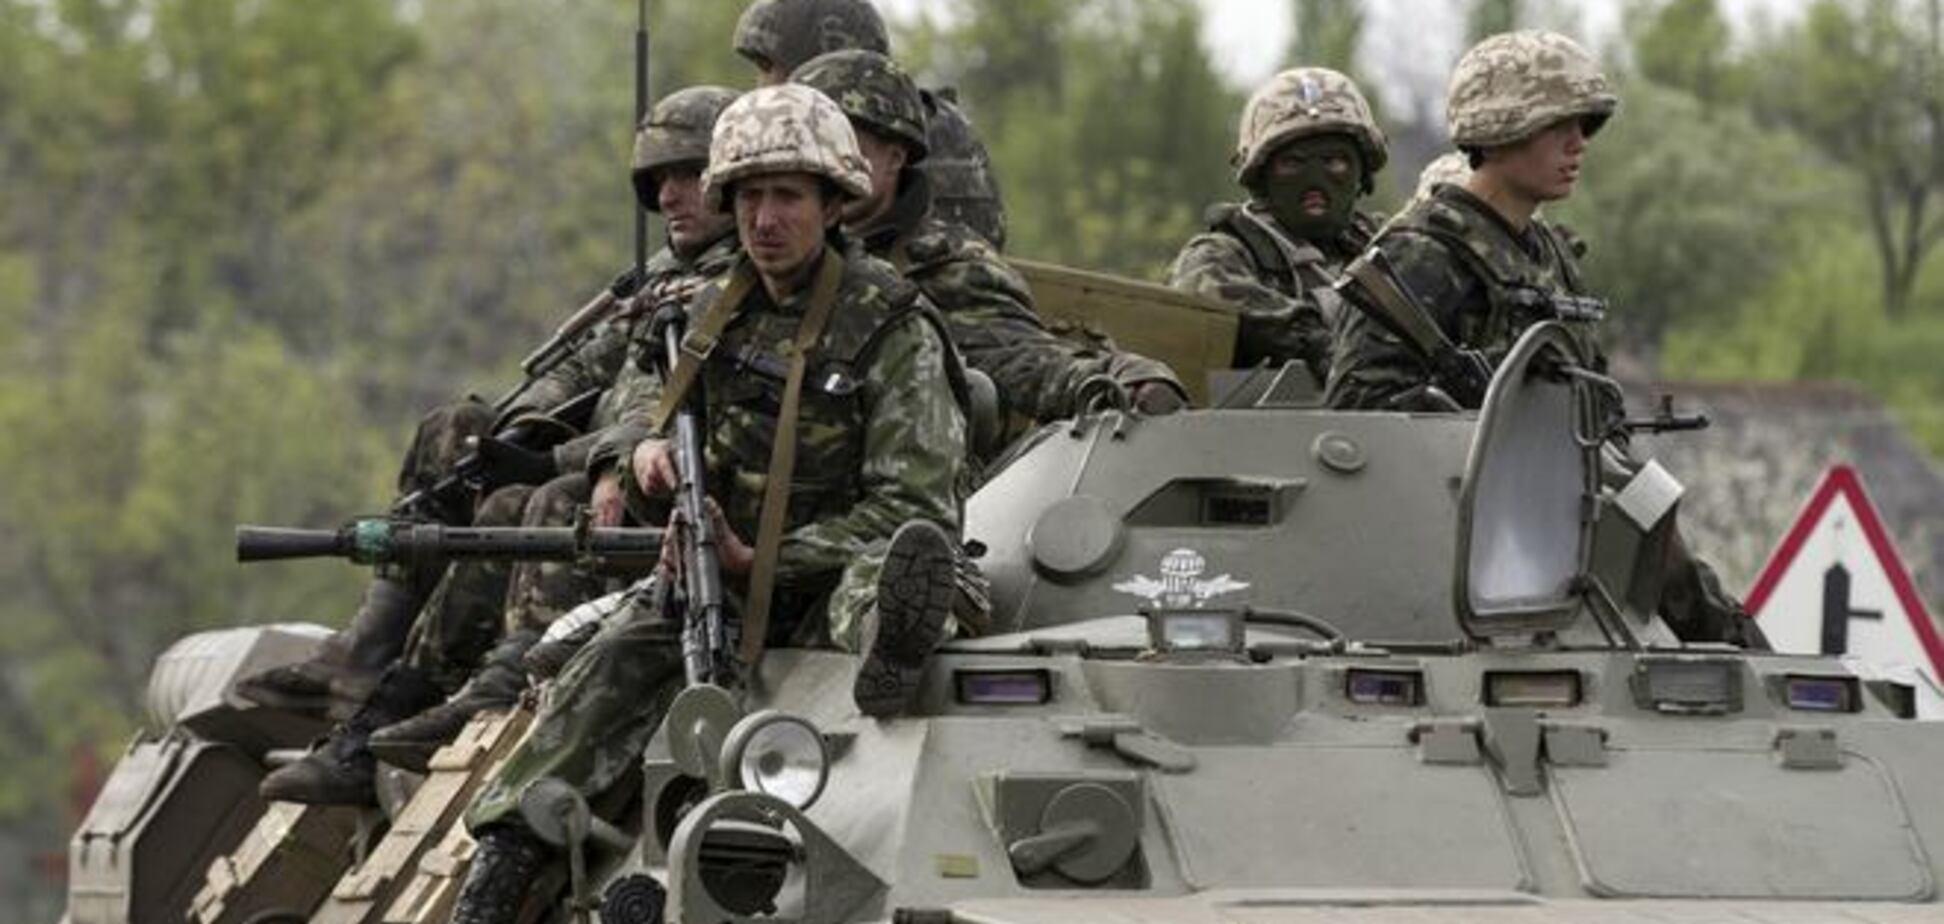 В результаті нападу на колону українських військових на Донеччині загинули 3 силовика, 26 постраждали - ГПУ